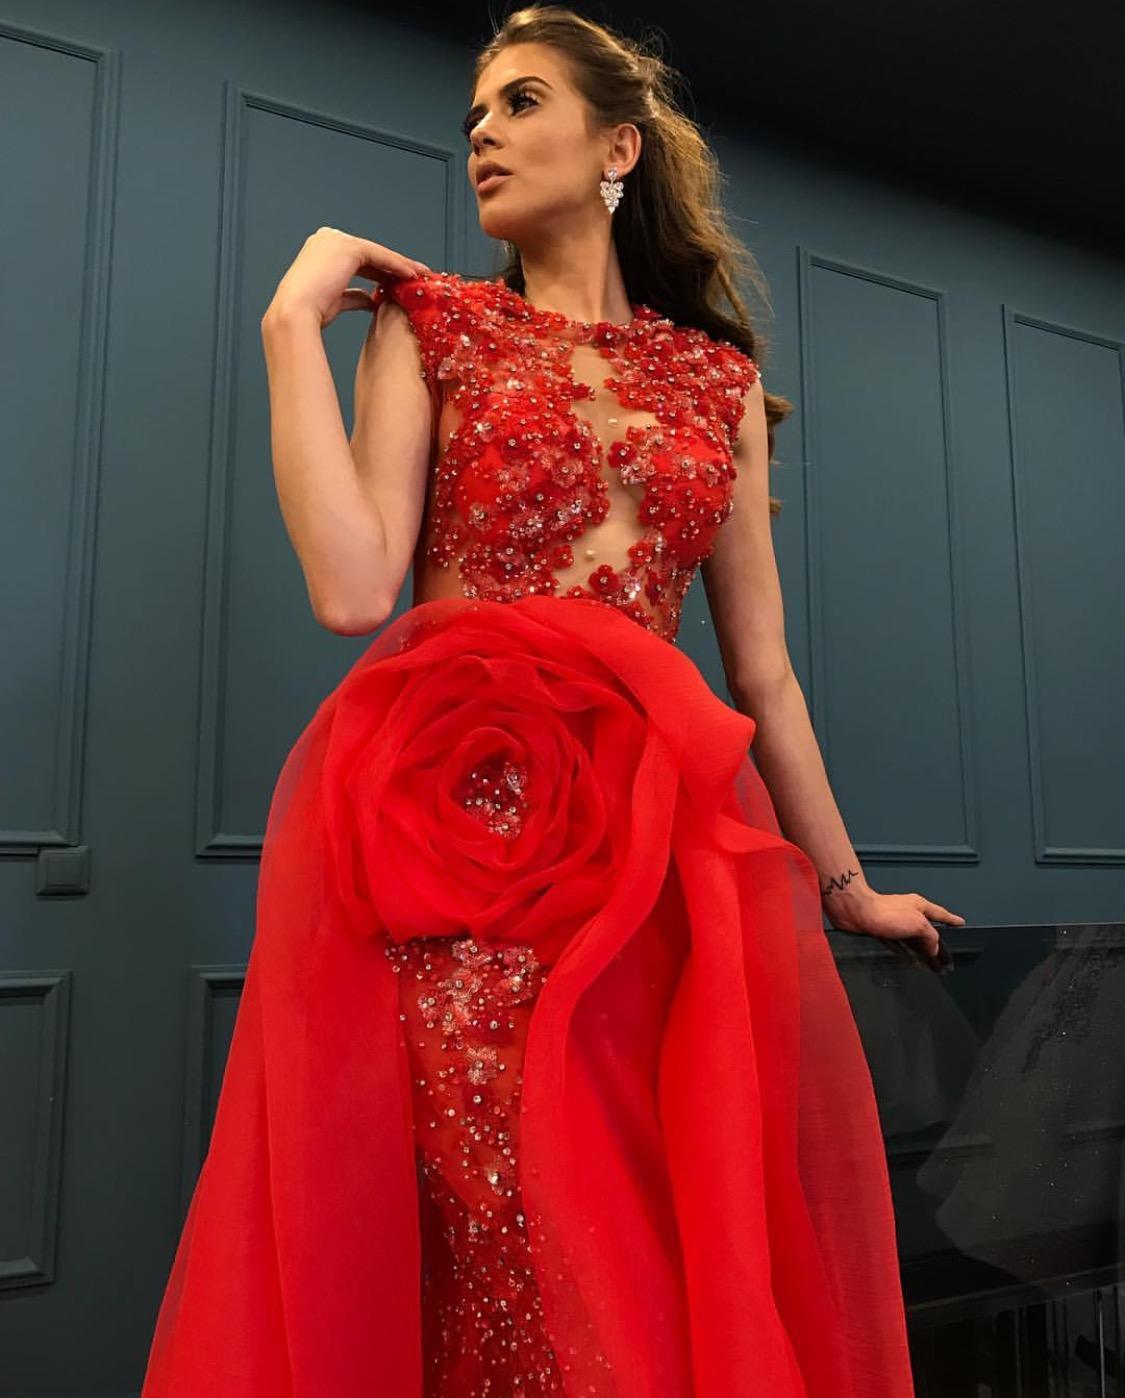 Ultra bling red evening rosette dress